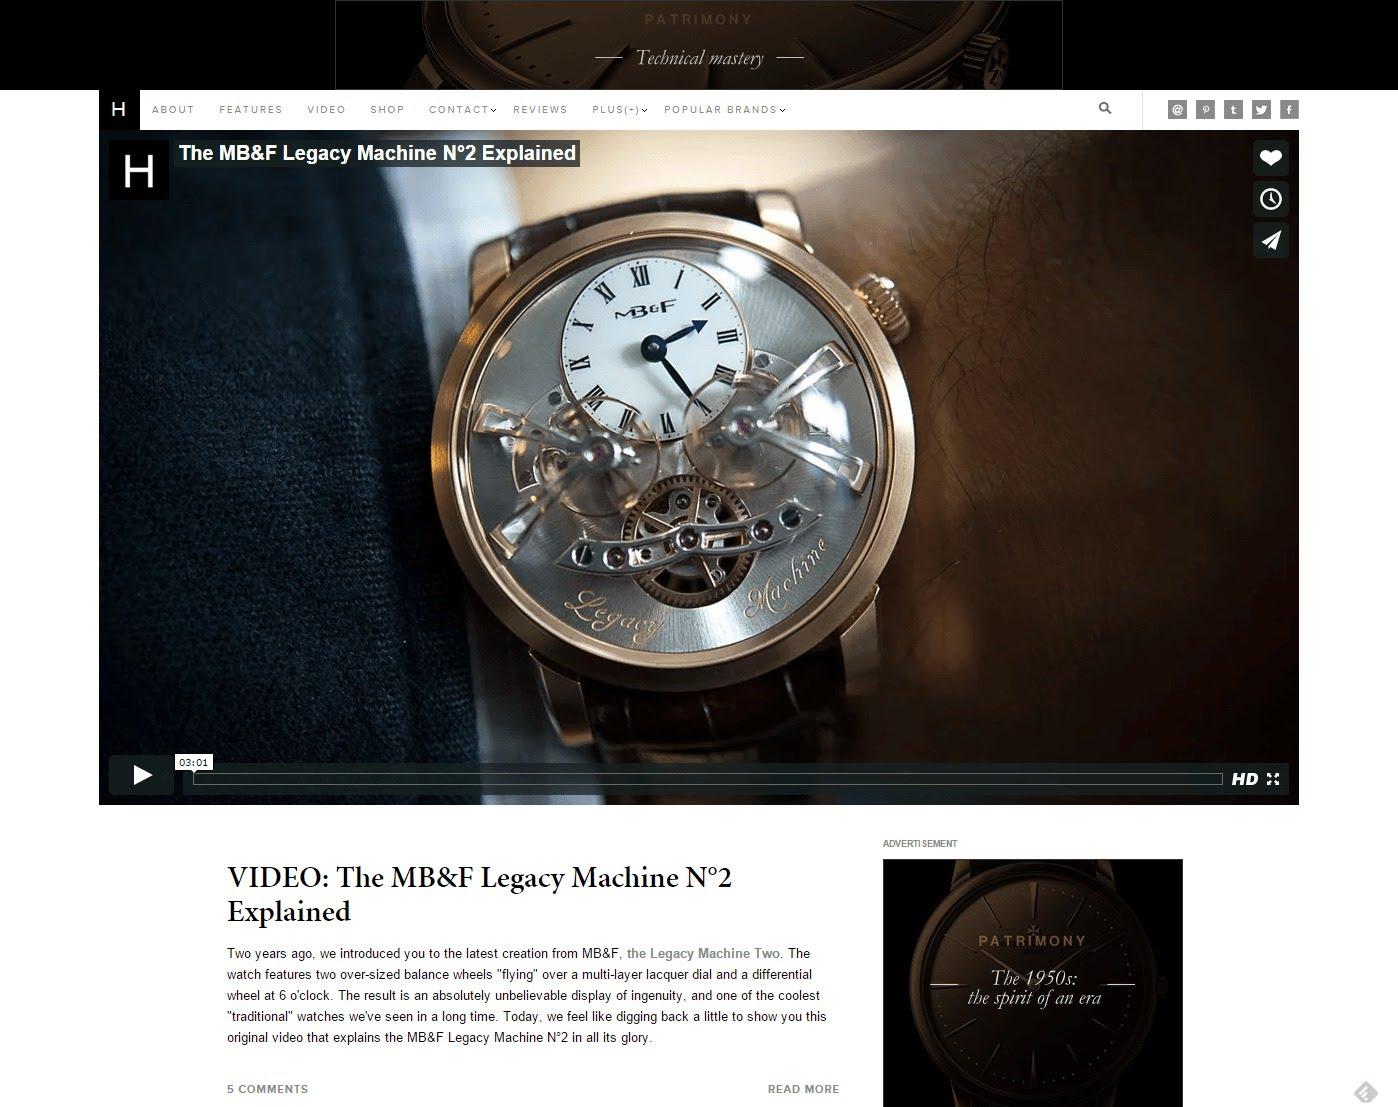 hodinkee watch blog